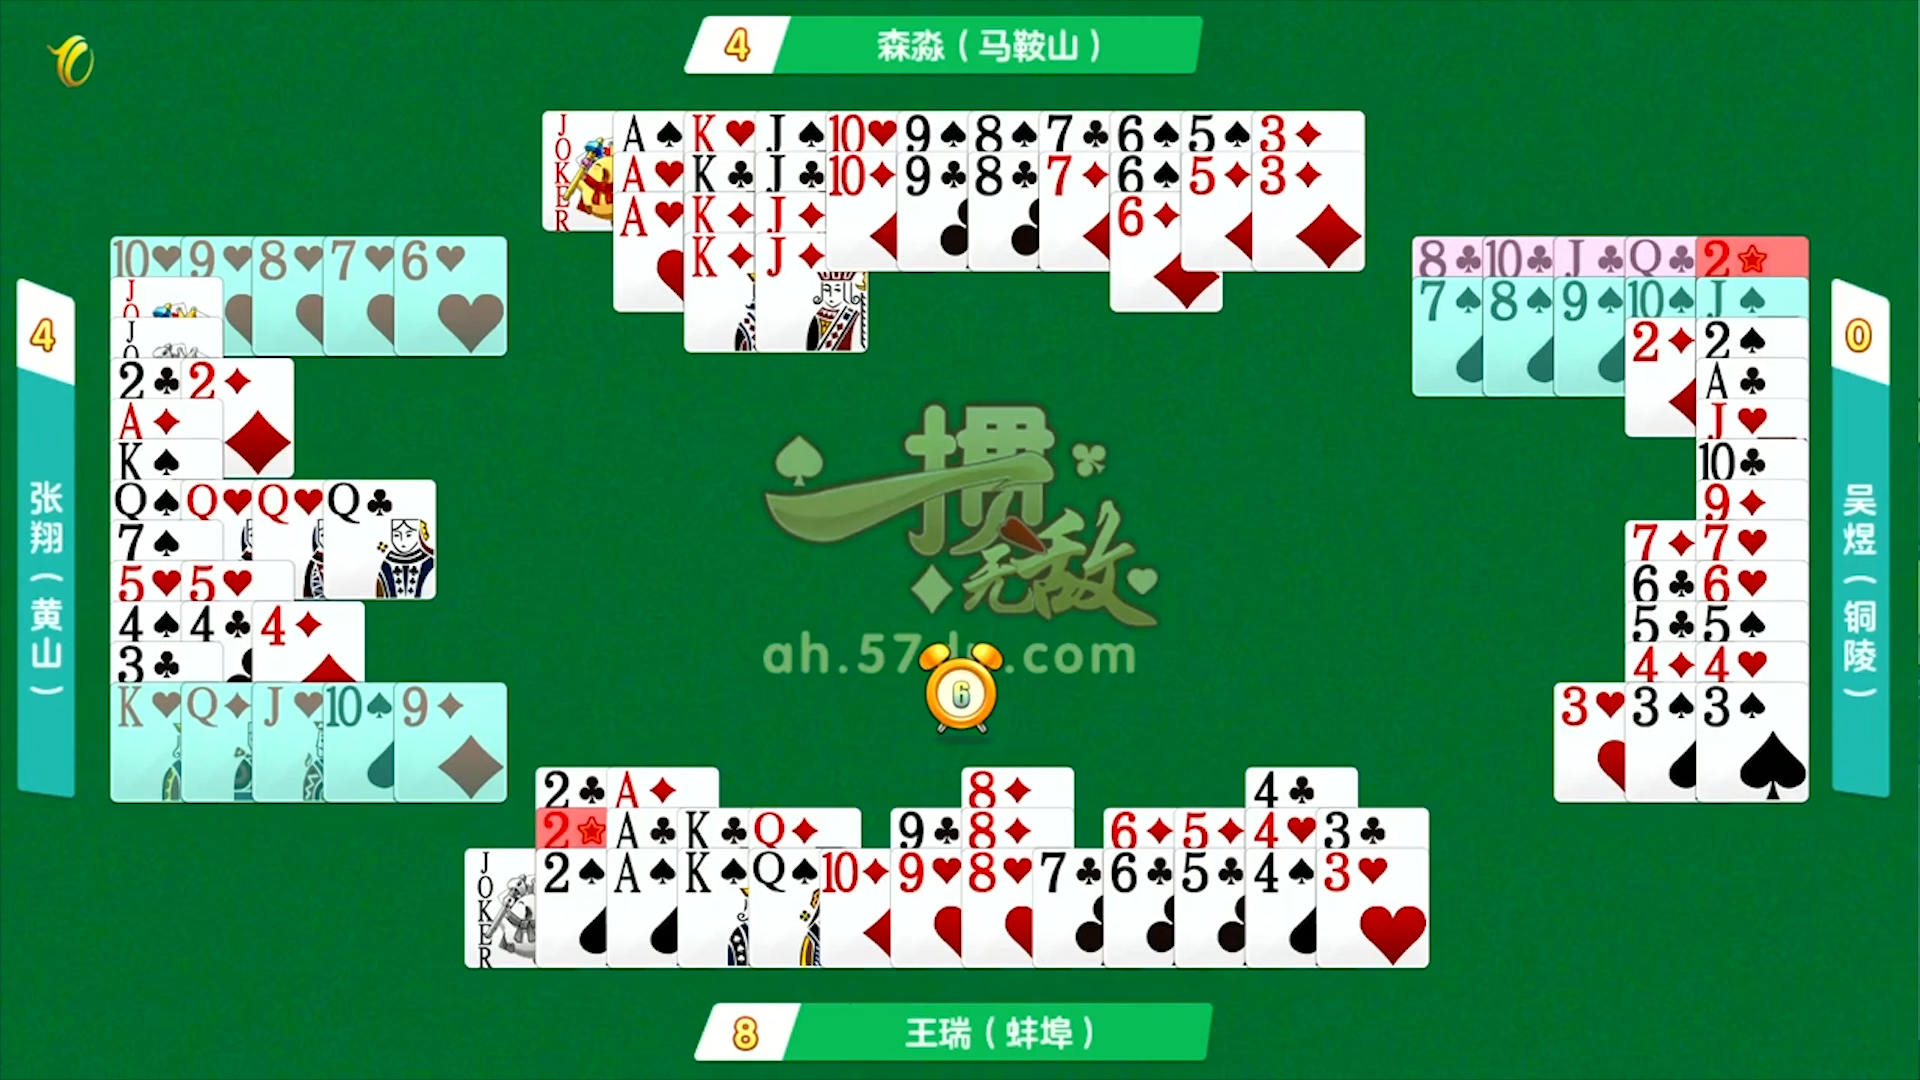 「一掼无敌」第2期第三局赛点复盘——你了解自己的手牌吗?